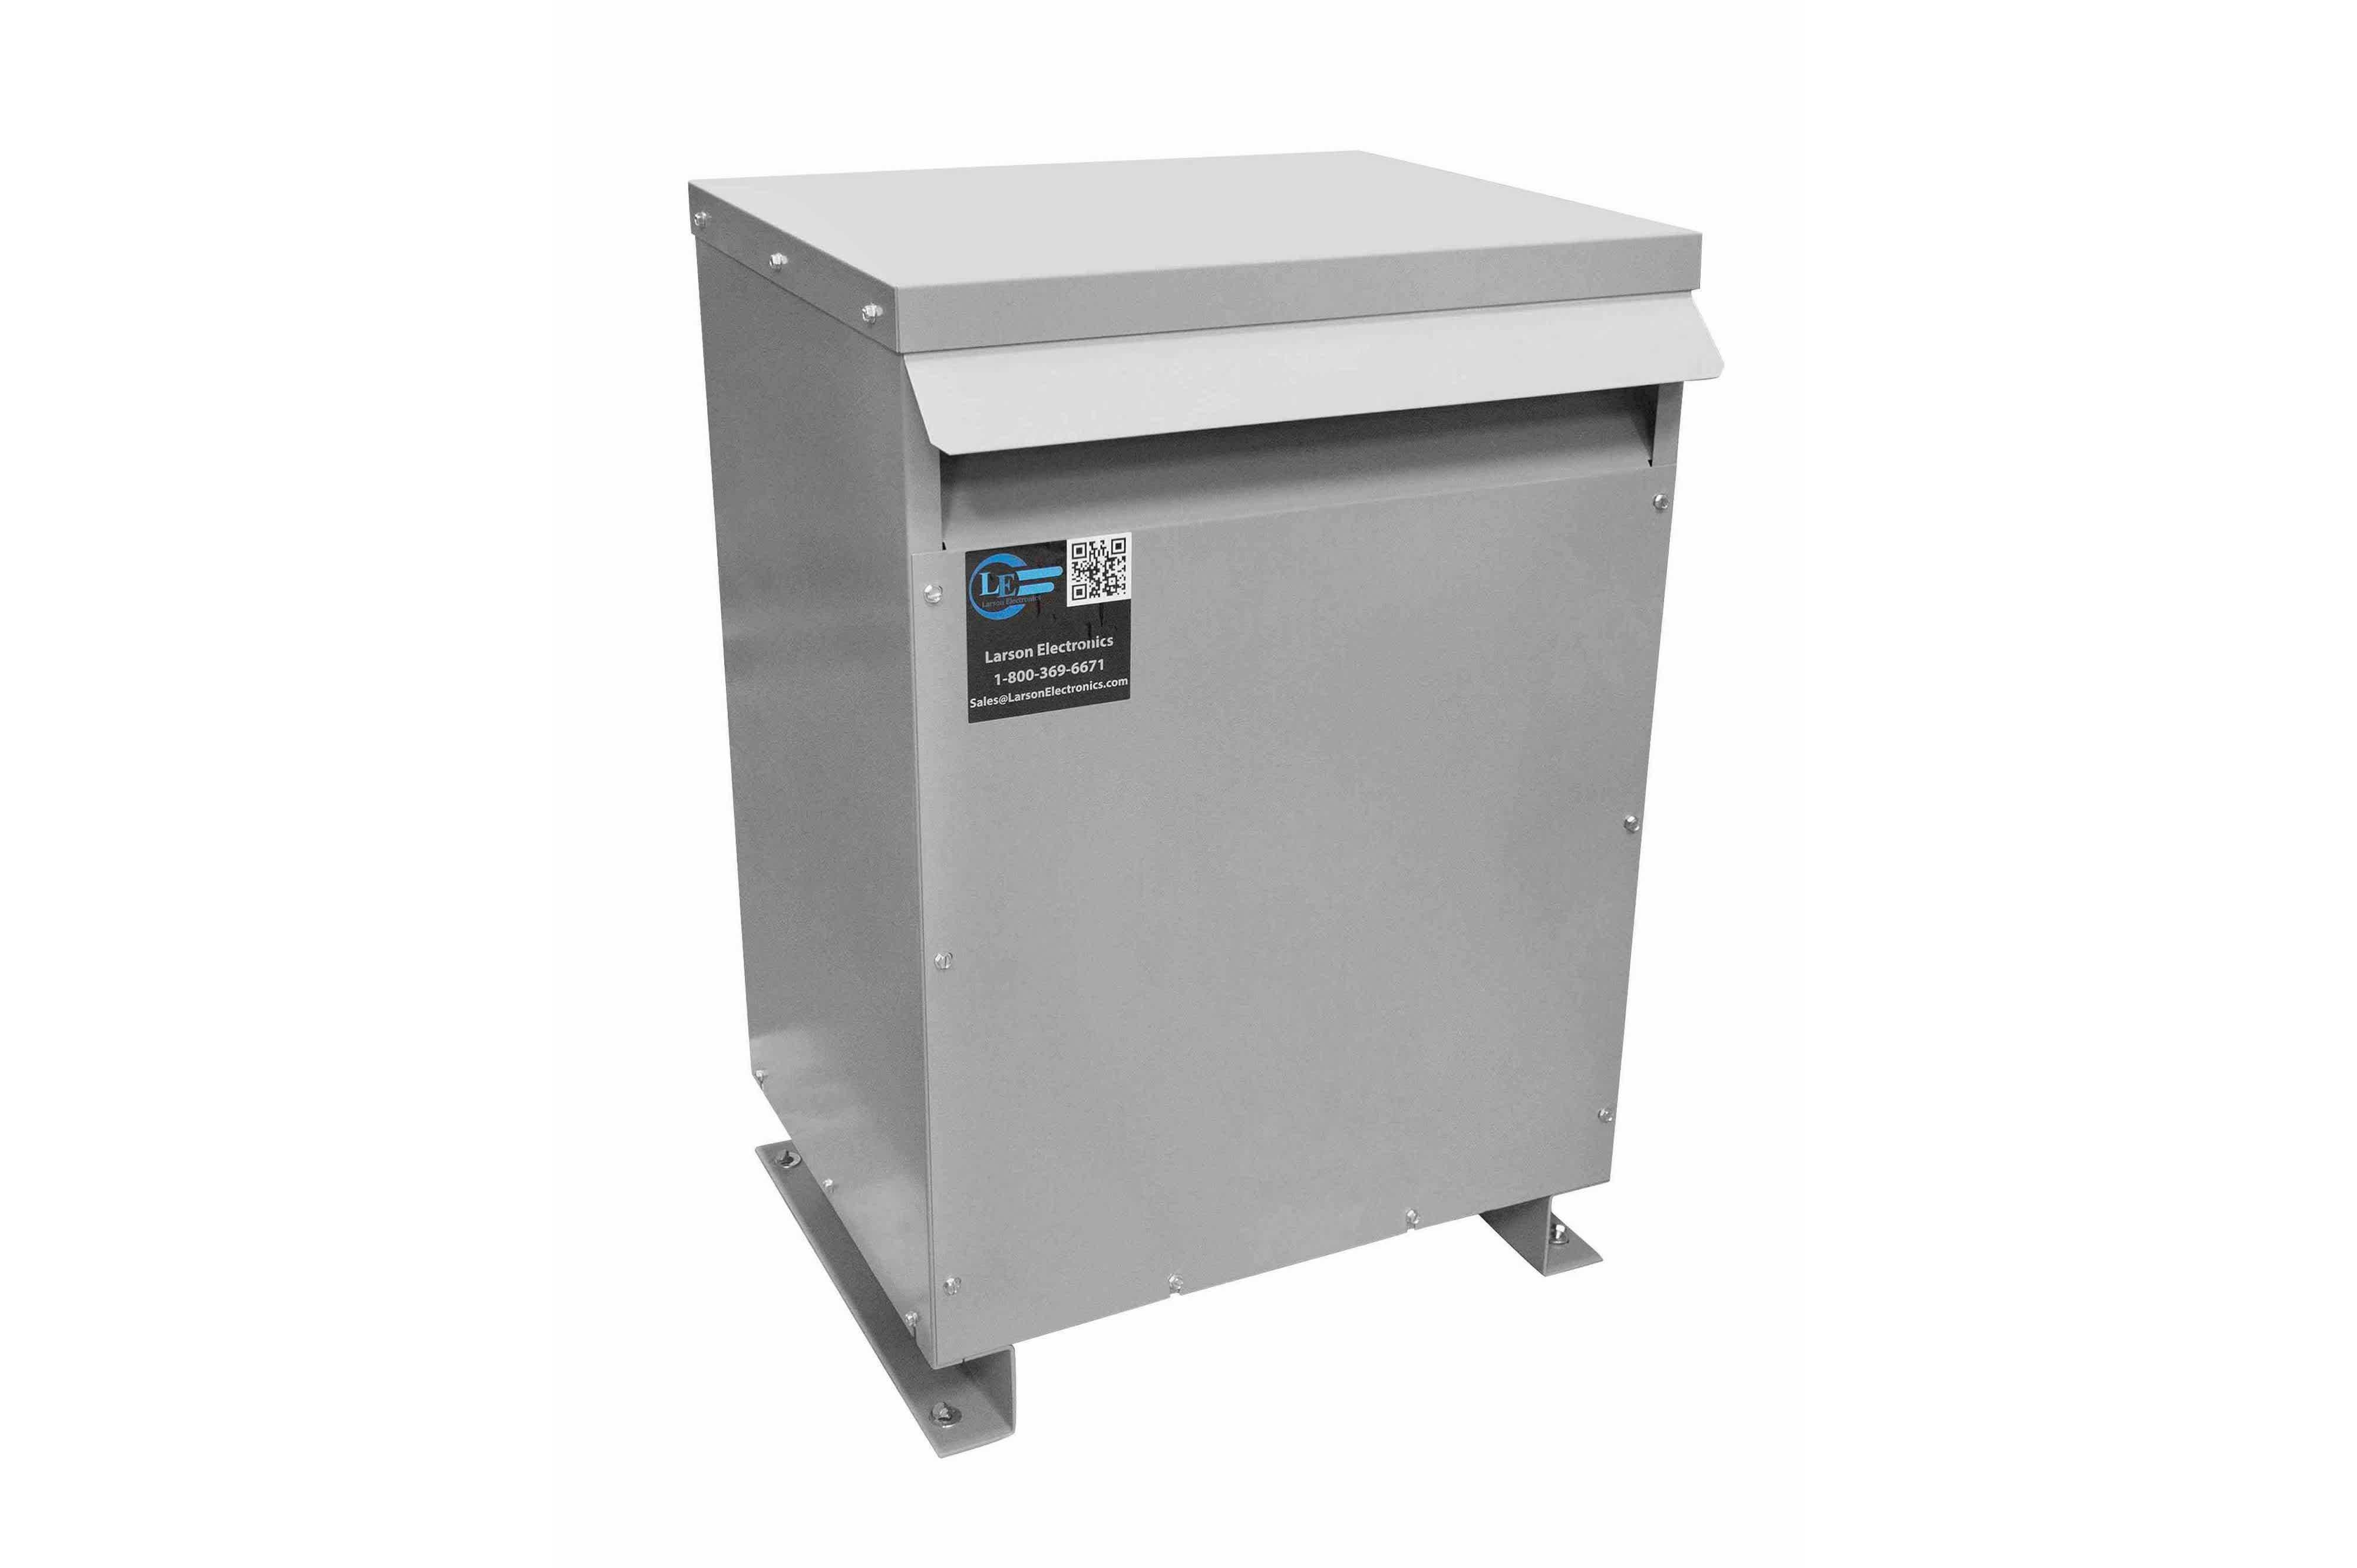 70 kVA 3PH Isolation Transformer, 415V Delta Primary, 208V Delta Secondary, N3R, Ventilated, 60 Hz